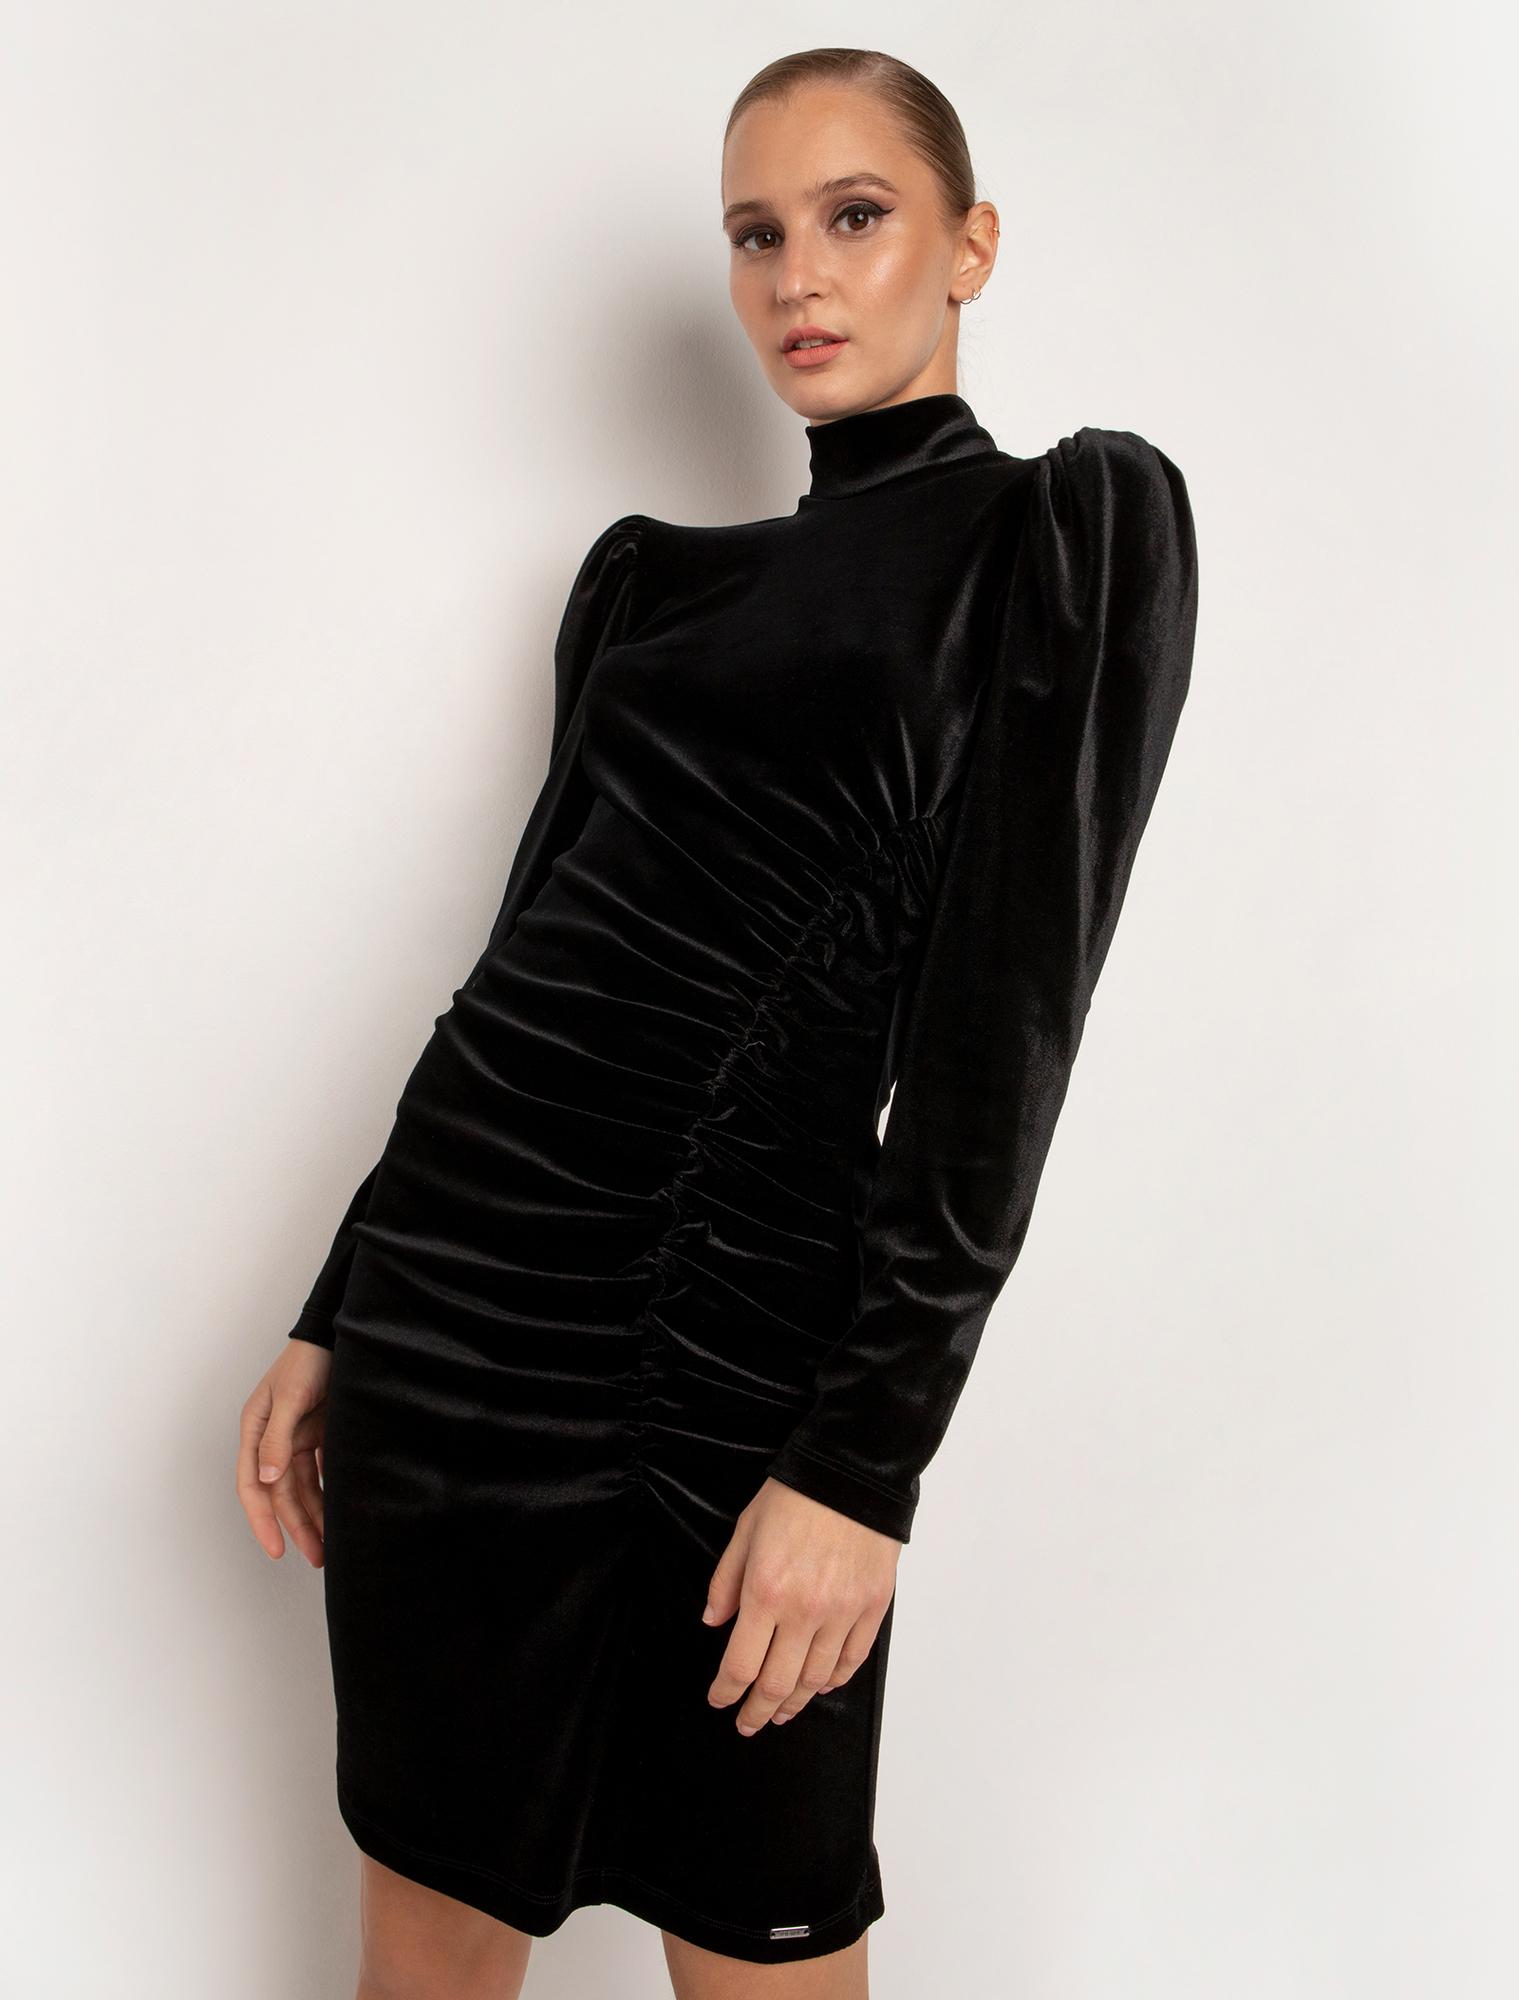 Φόρεμα από βελούδο με σχέδιο σούρες - ΜΑΥΡΟ